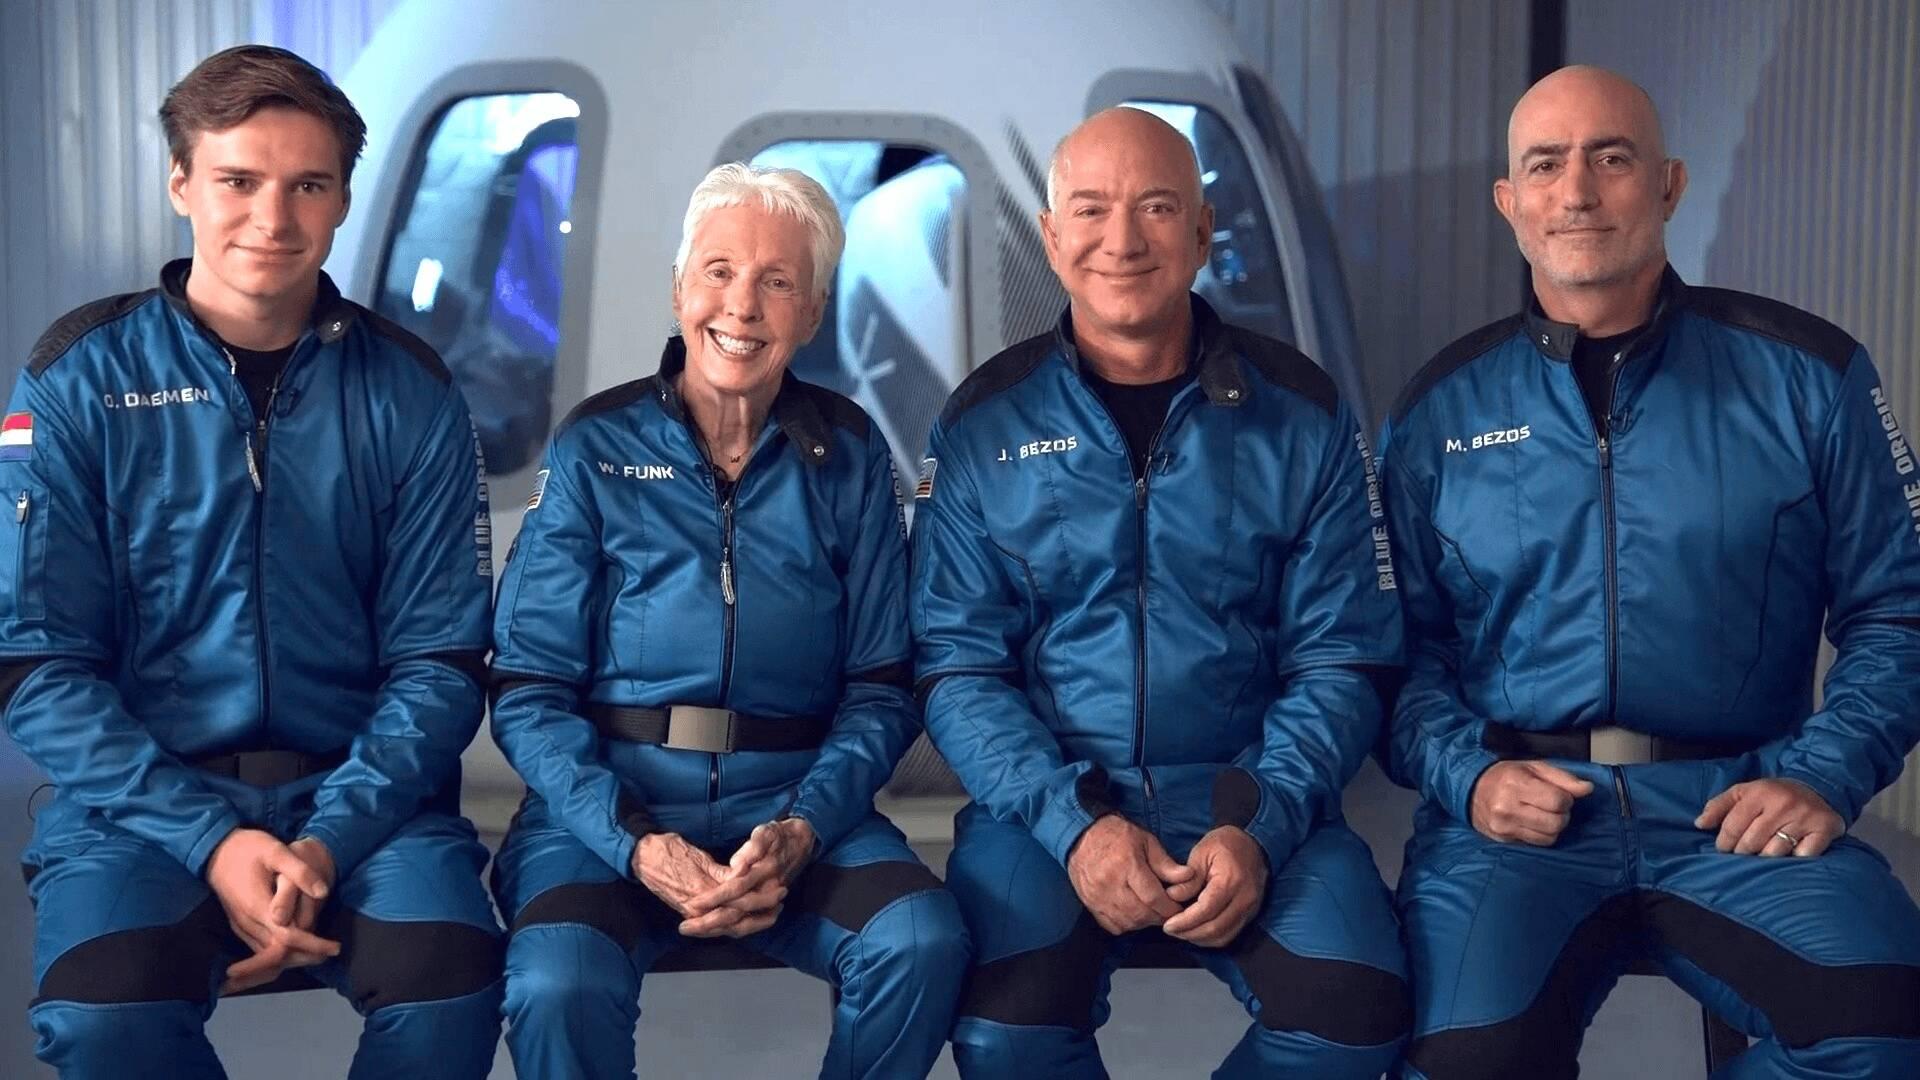 Jeff Bezos nello spazio